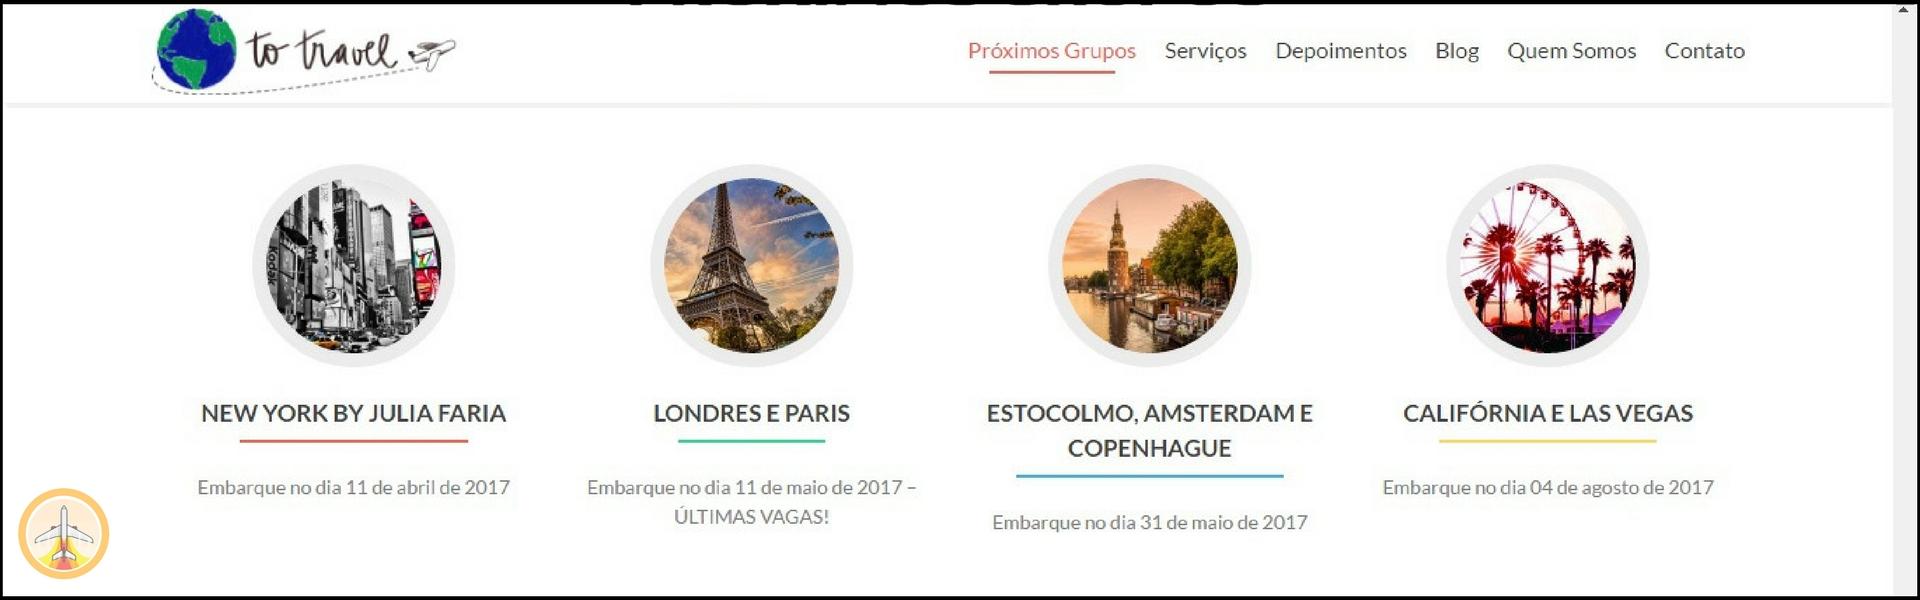 Não-quero-viajar-sozinho-onde-achar-companhia-to-travel-agencia Não quero viajar sozinho onde achar companhia? (10 sites!)